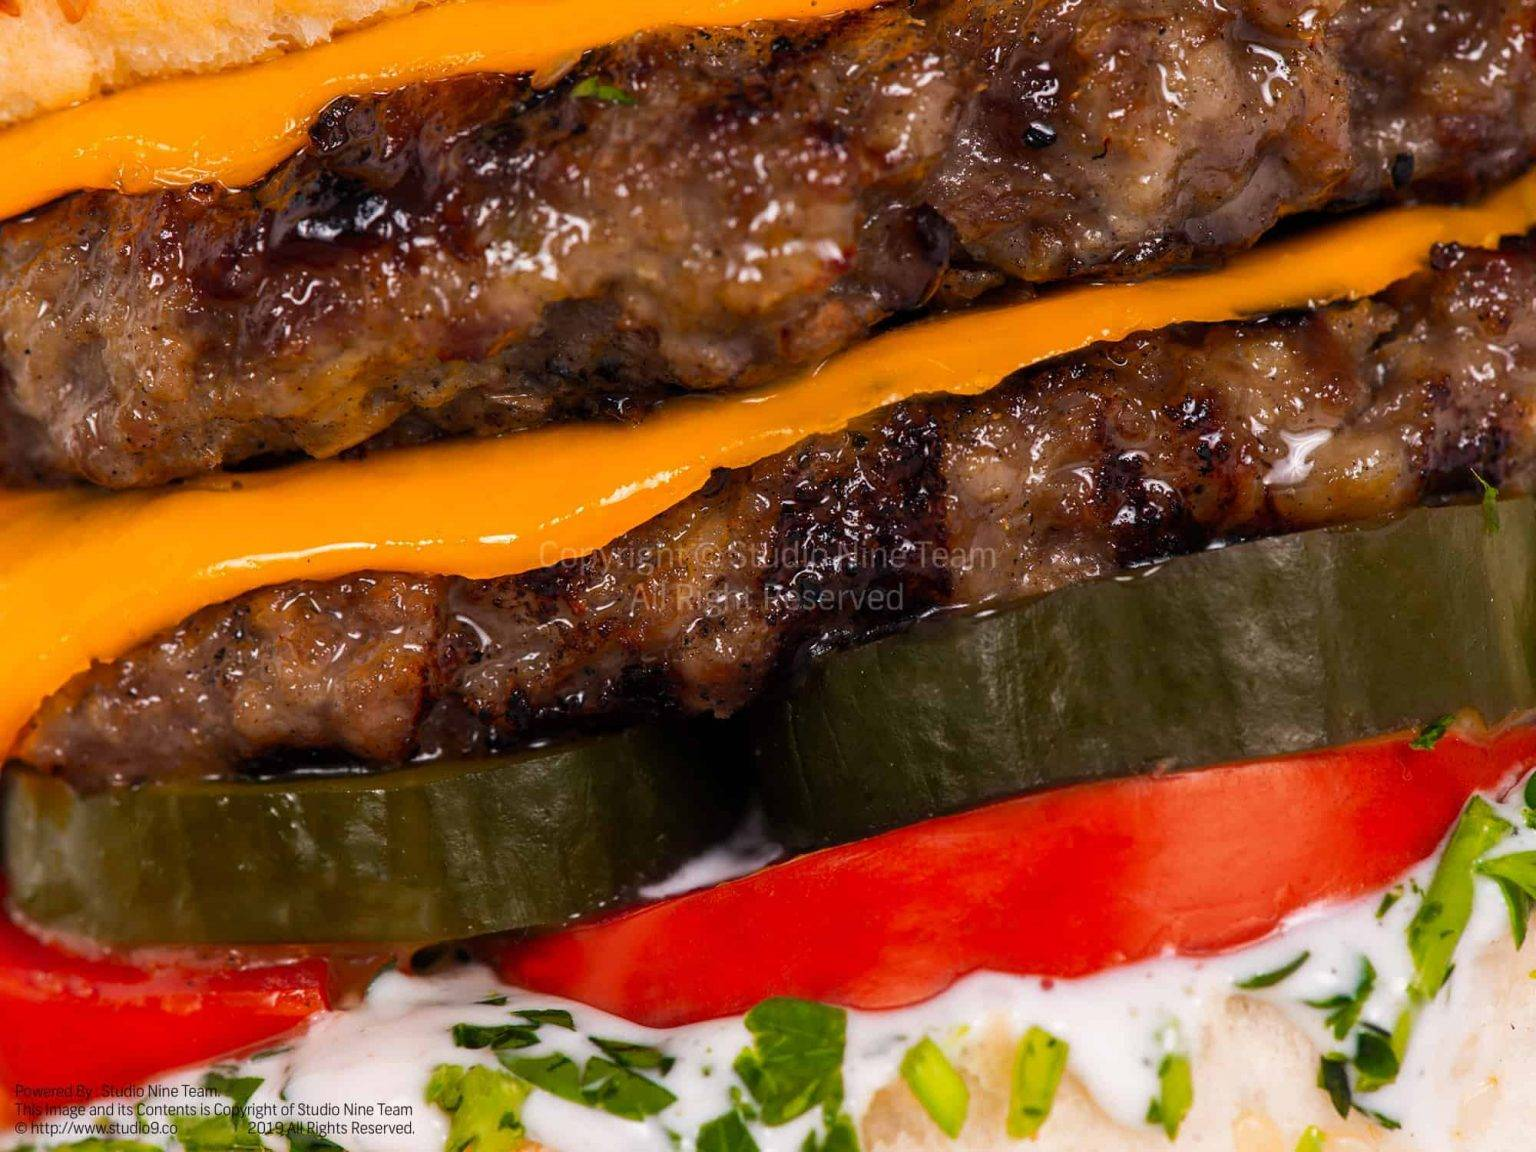 عکاسی غذایی محصولات طبخ شده بصورت ساده | عکاسی صنعتی | عکاسی تبلیغاتی | تعرفه عکاسی غذایی | لیست قیمت عکاسی غذایی